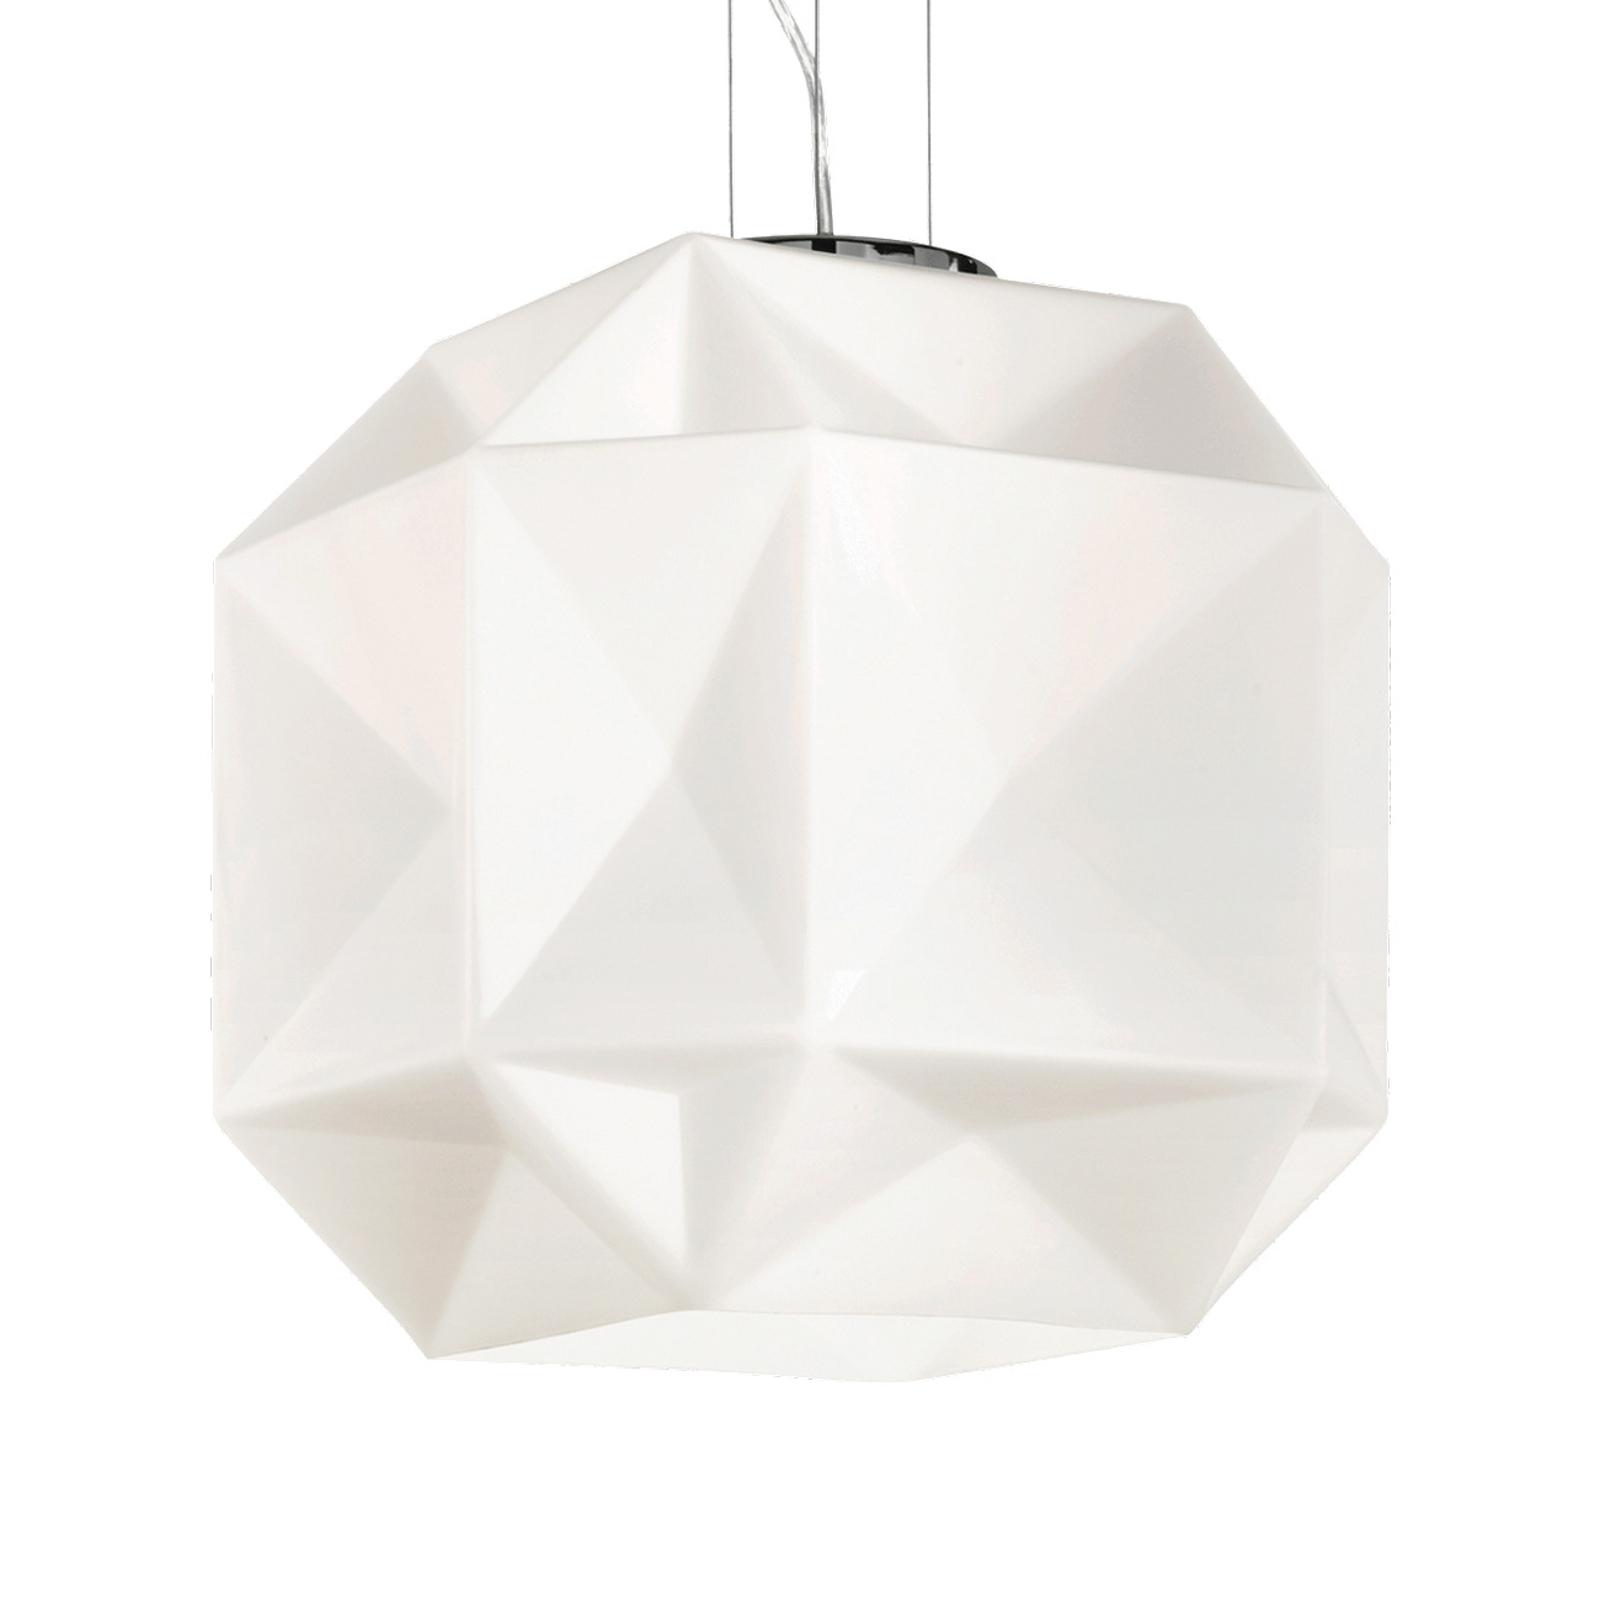 Glazen hanglamp Diamond hoogte verstelbaar Ø 35cm